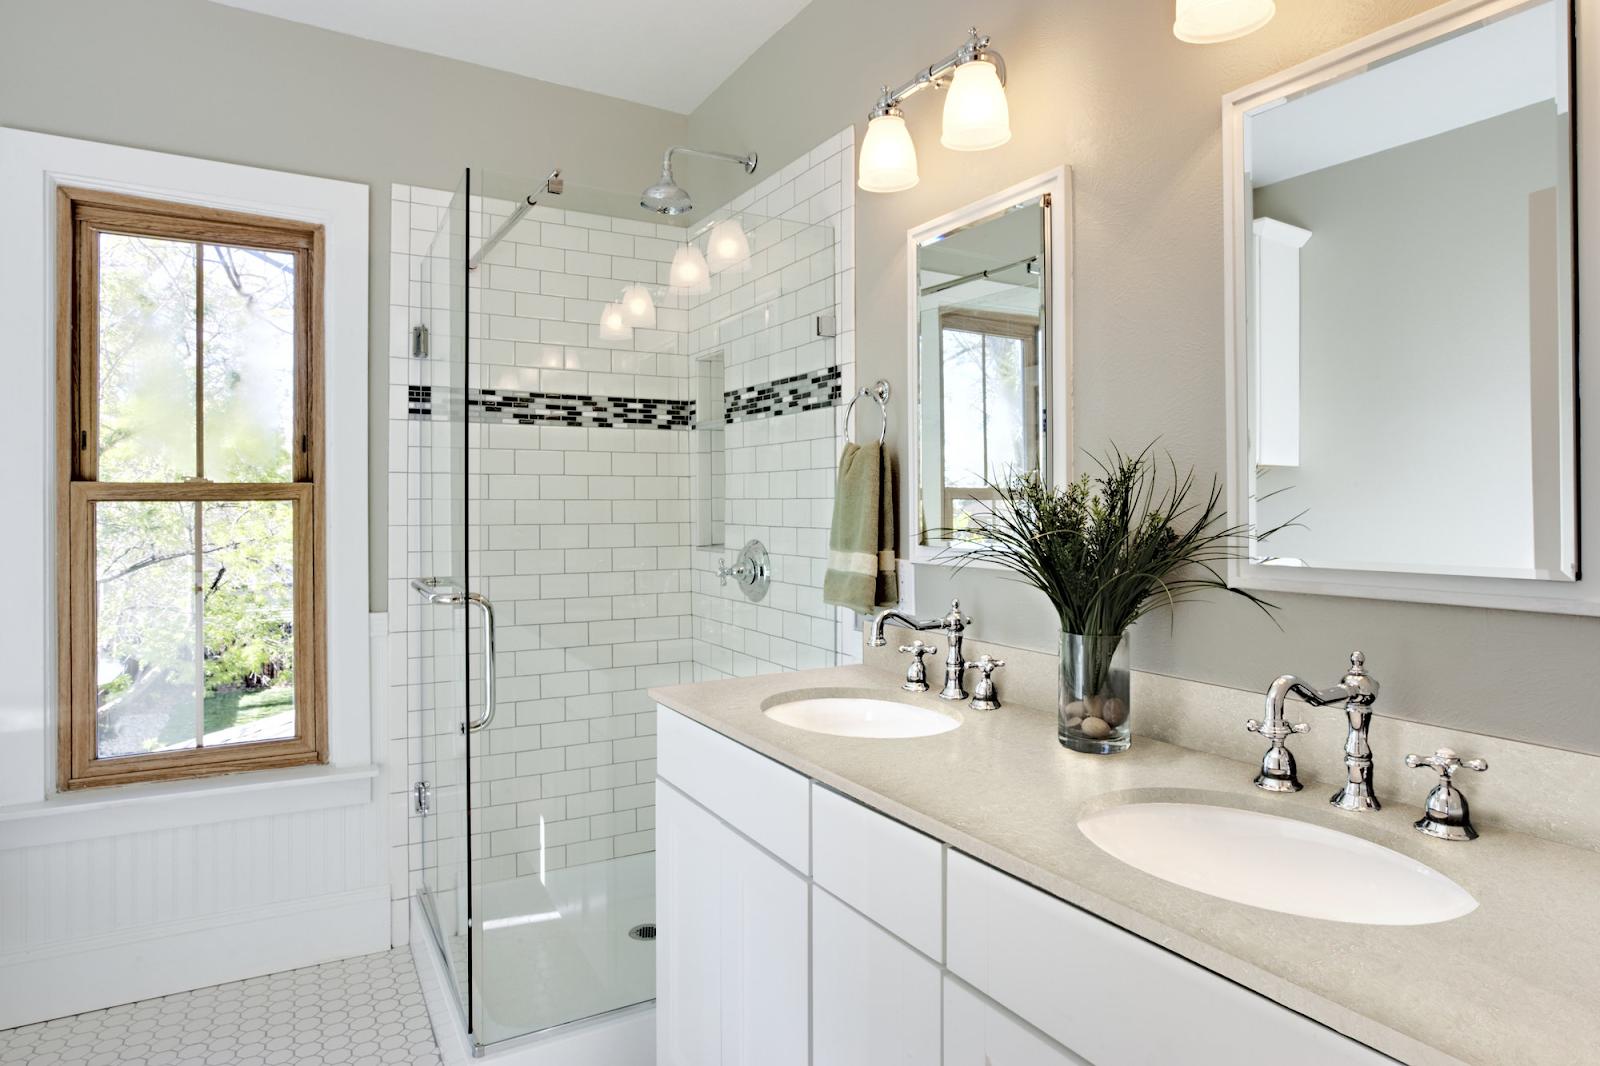 Quartz Bathroom Countertops, Small Bathroom Countertops